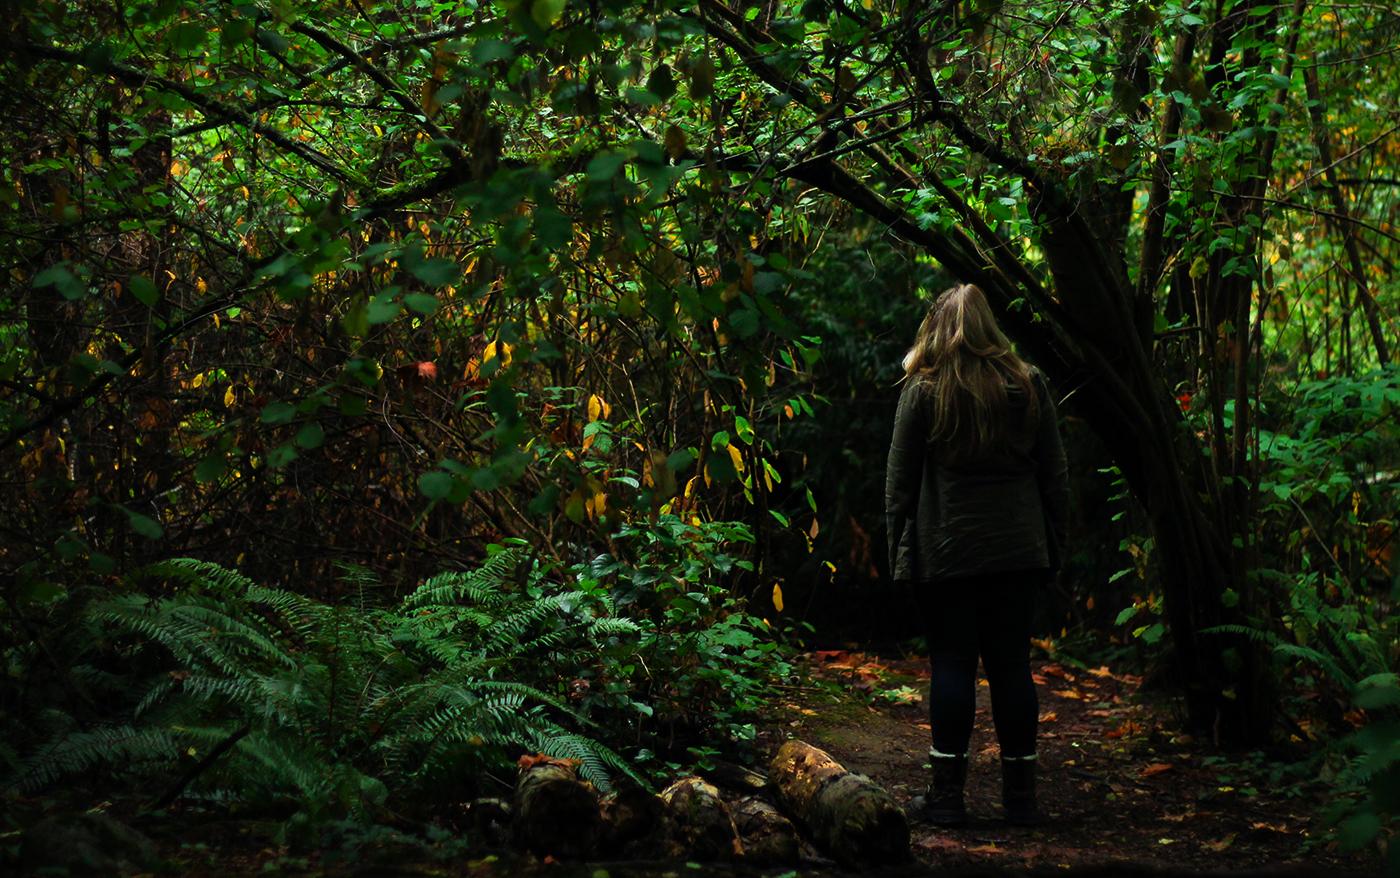 Bada i skogens djupa, tysta lugn - och bli friskare | Skogsbad